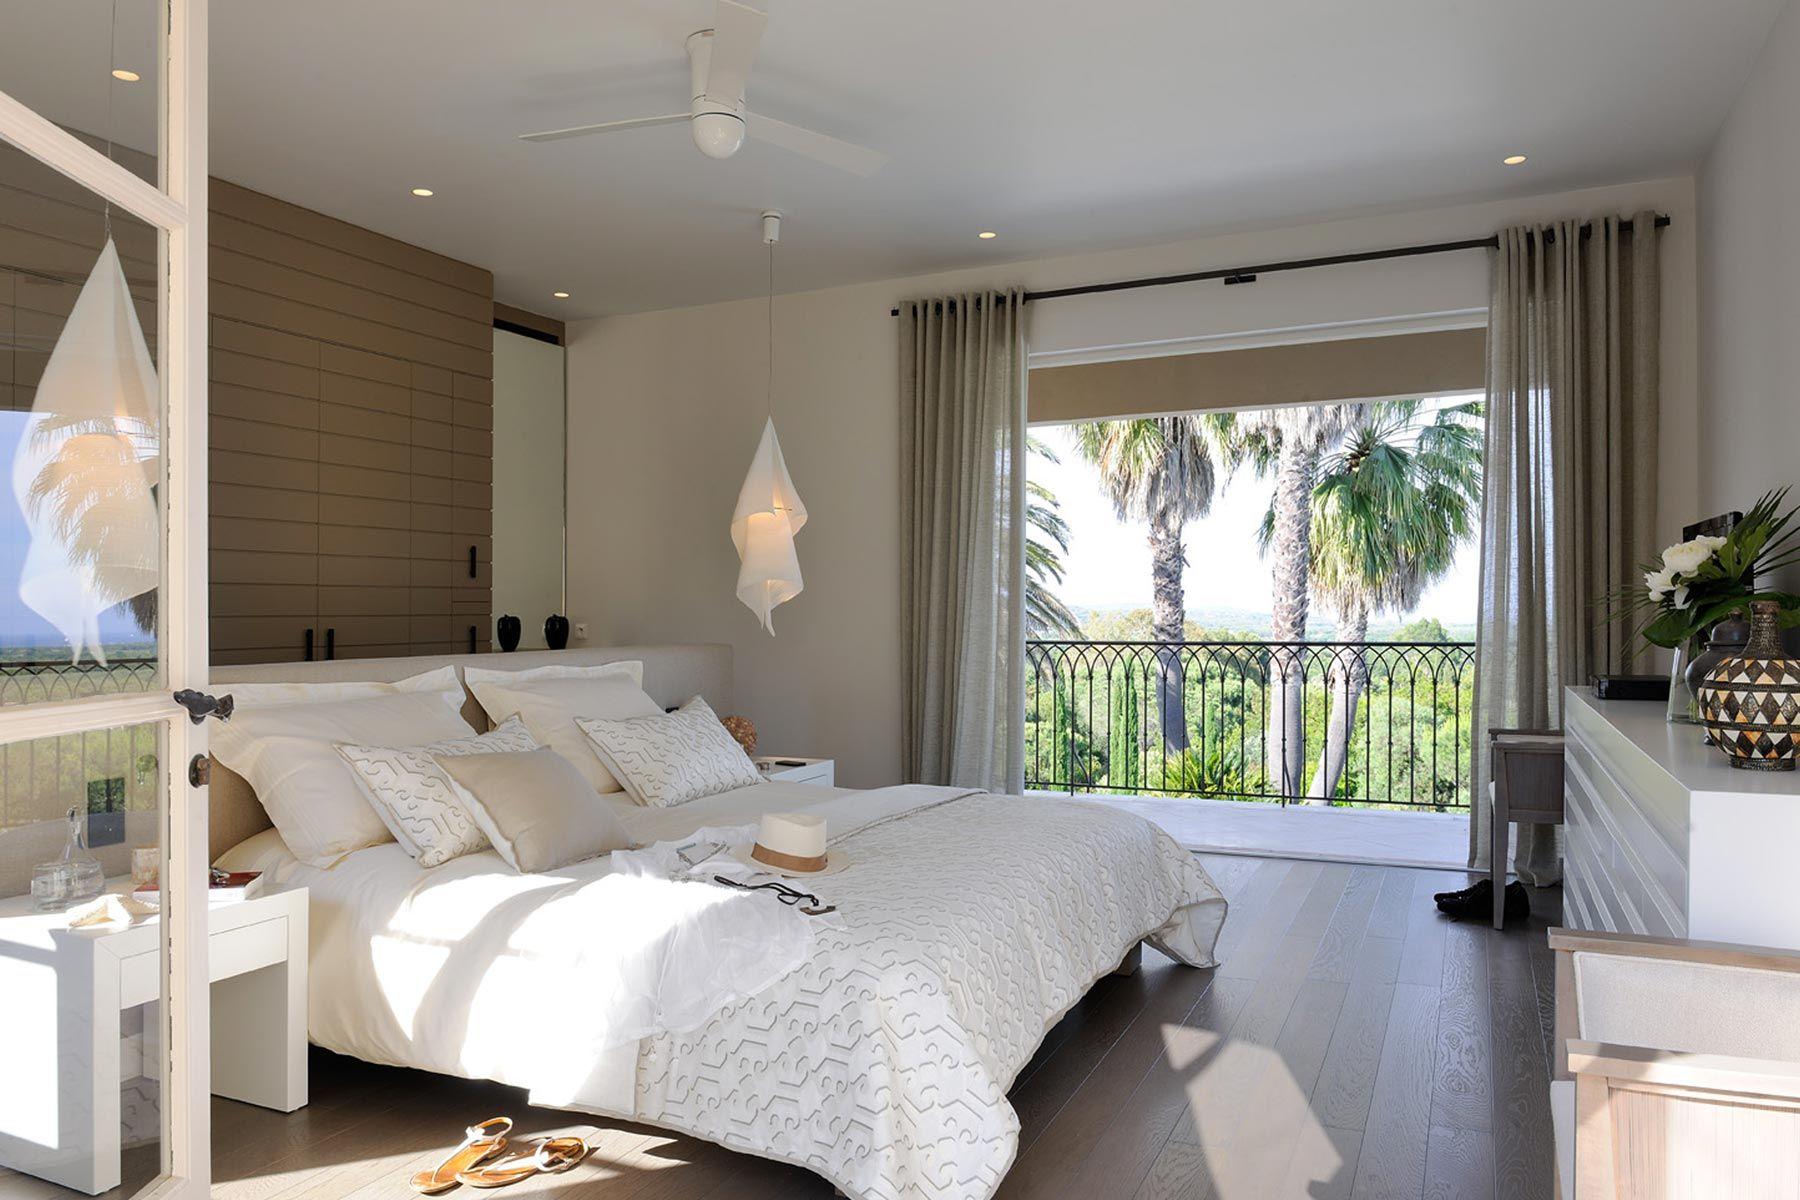 Idée par Dodo sur DECO mon style  Interieur maison, Decoration